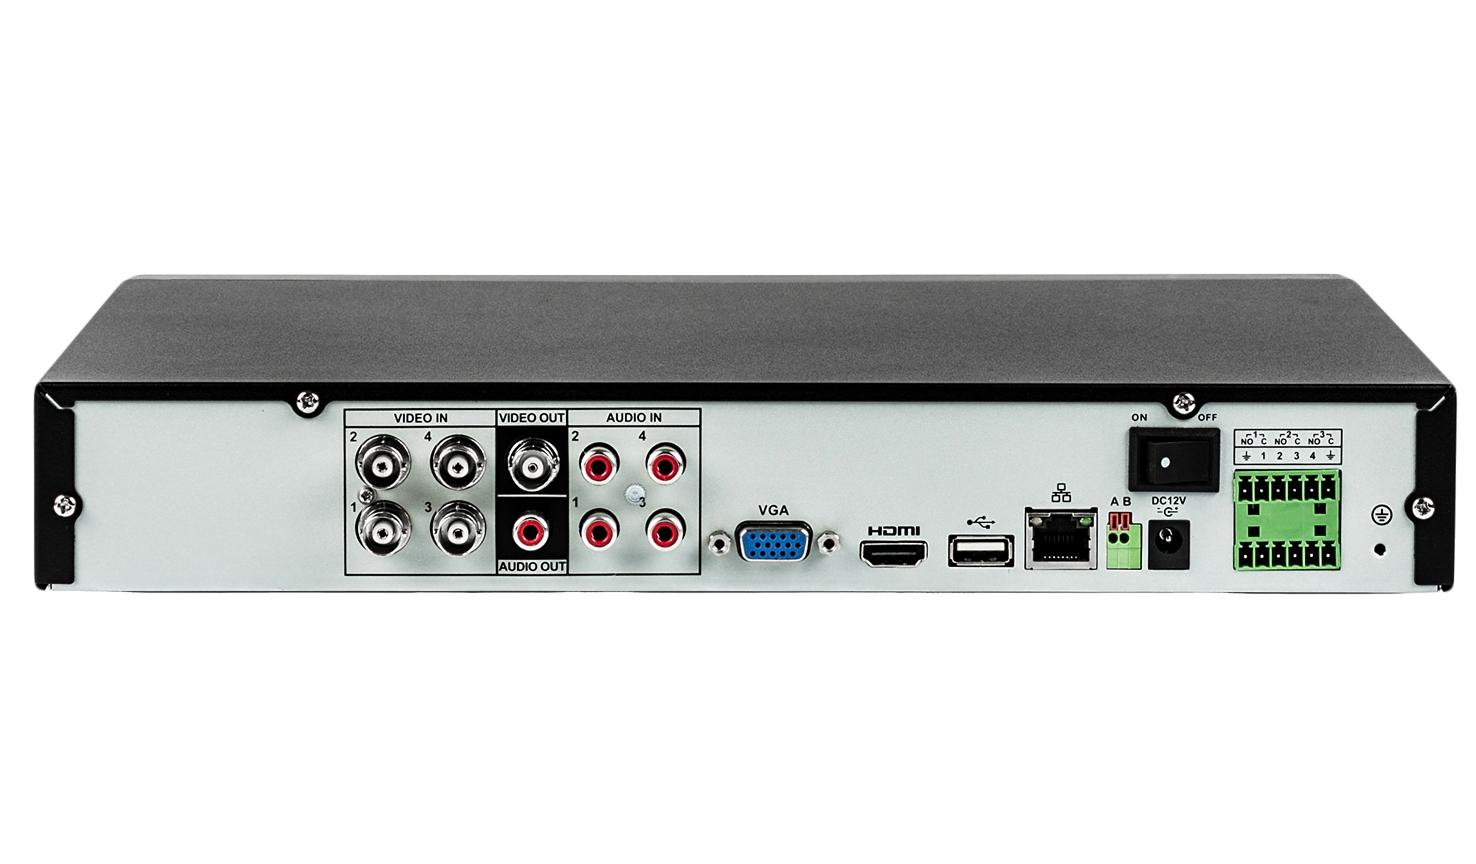 RVi-R04LB-PRO 4-х канальный цифровой видеорегистратор - 1